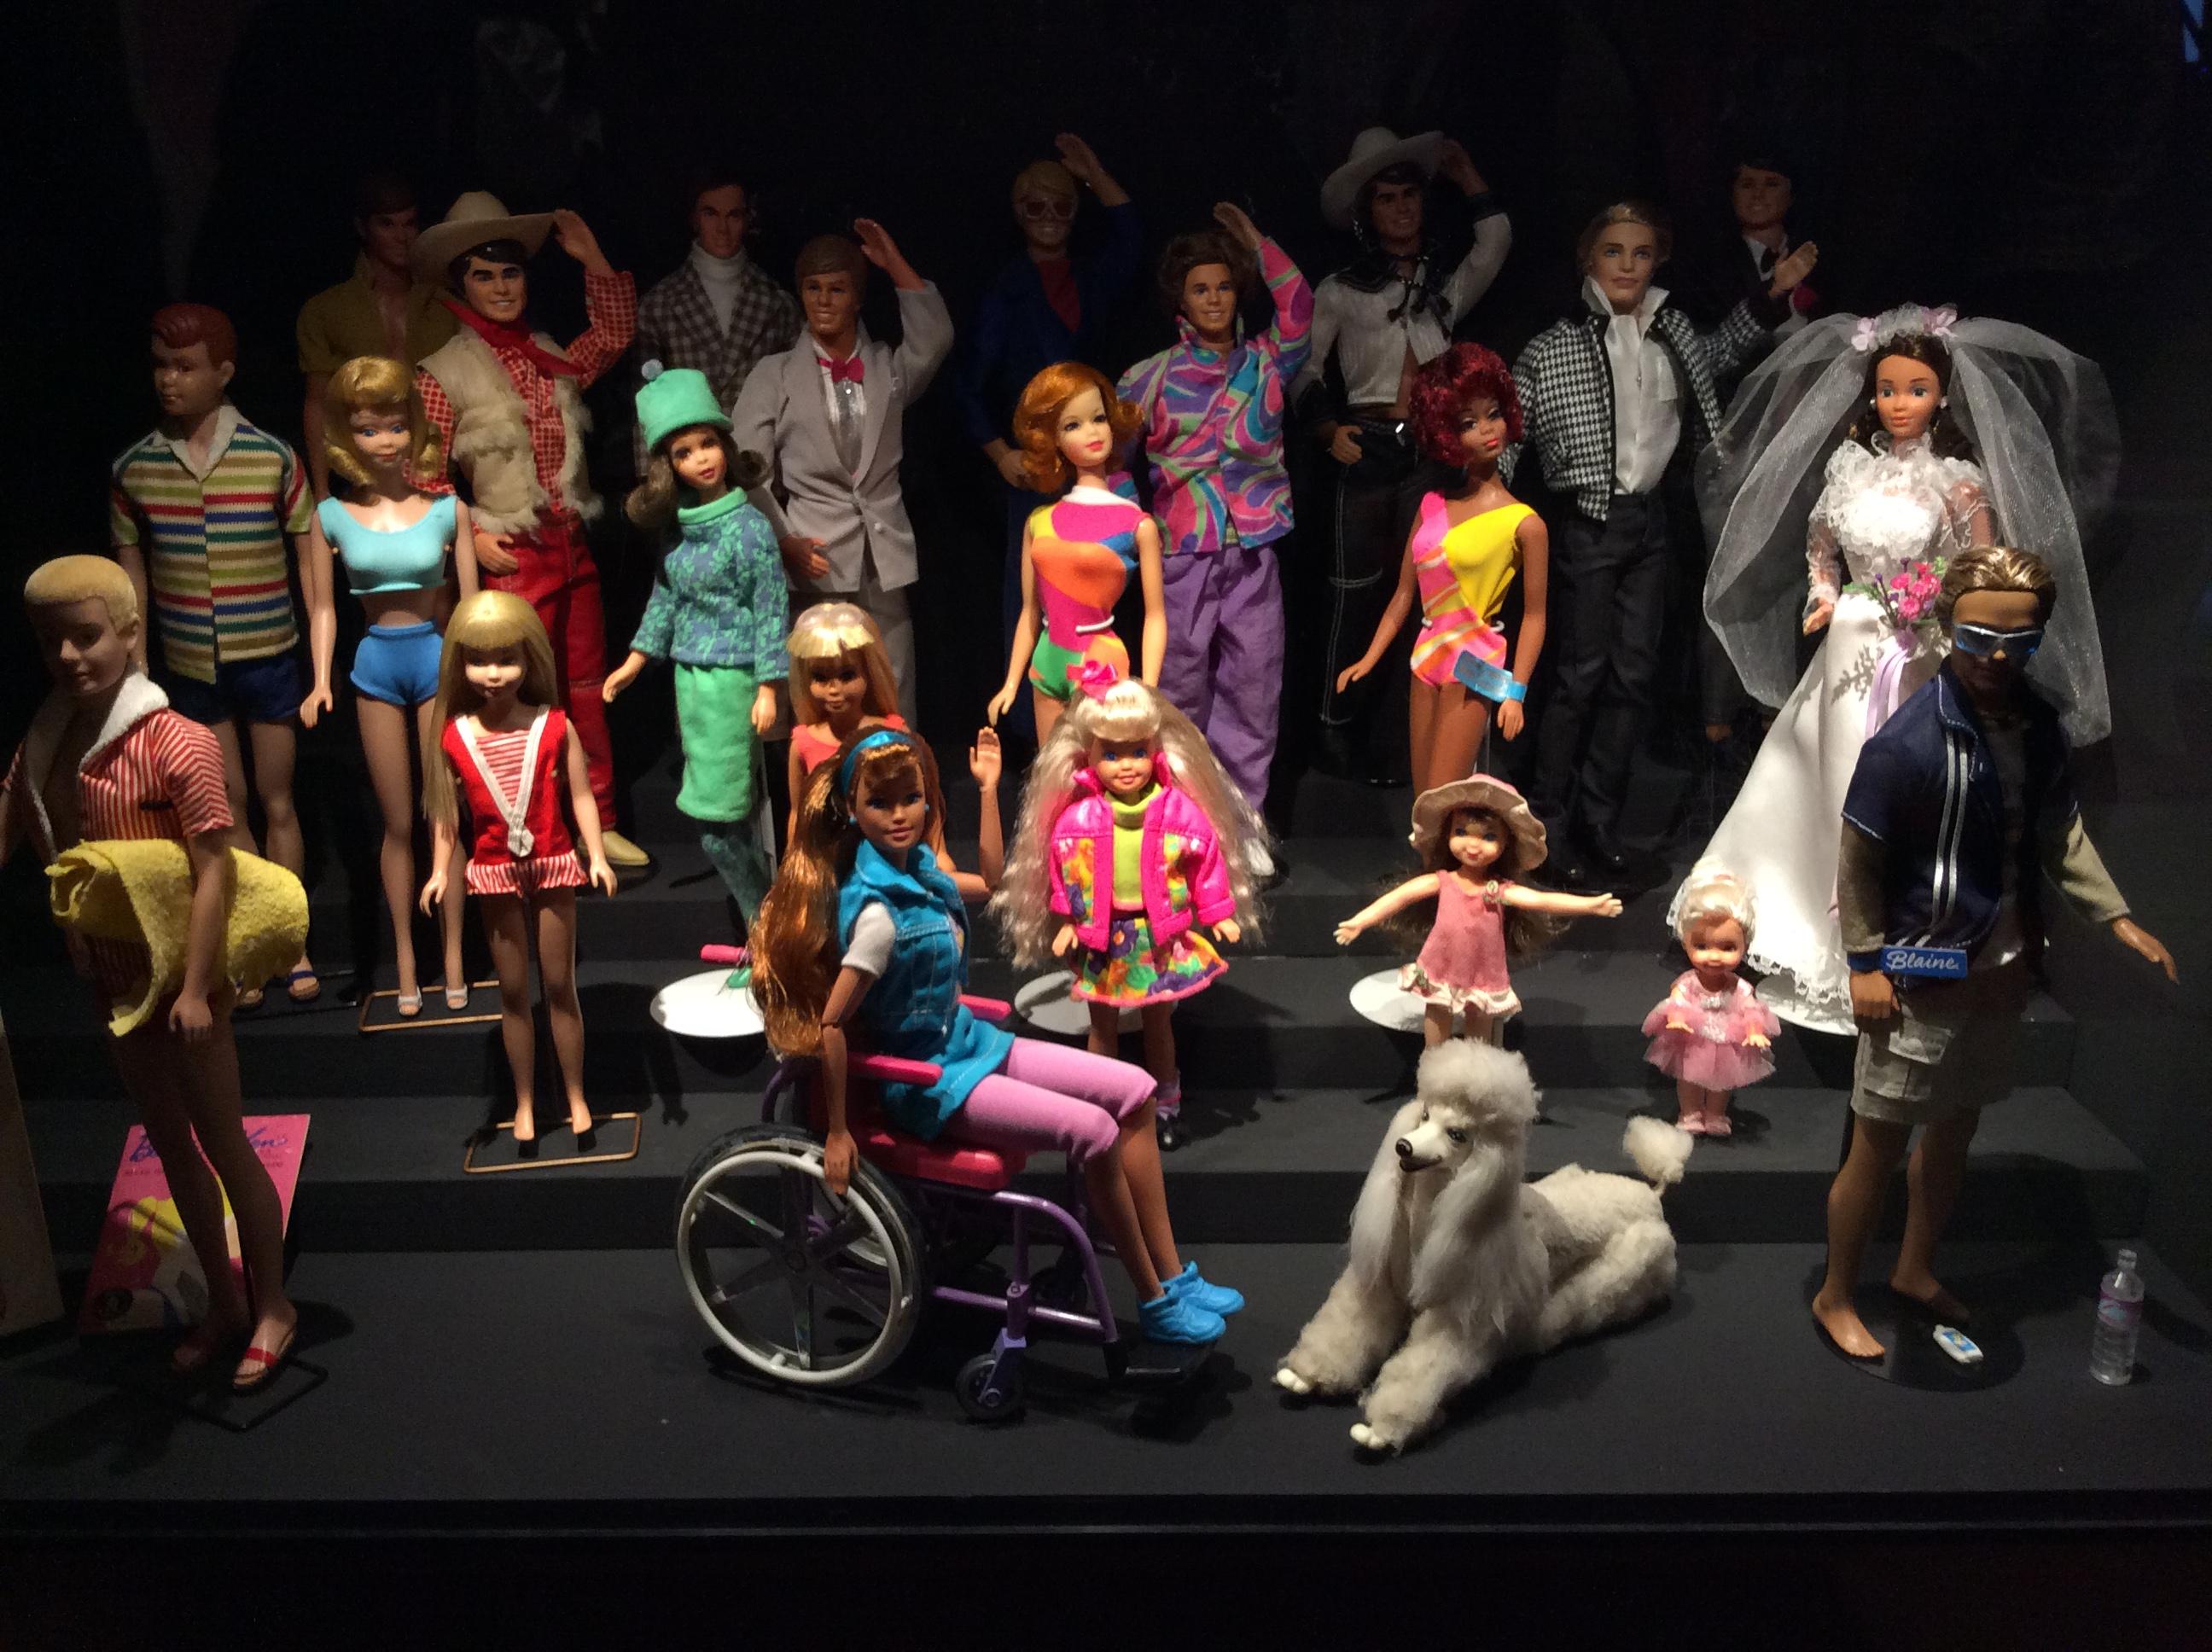 La famiglia di Barbie